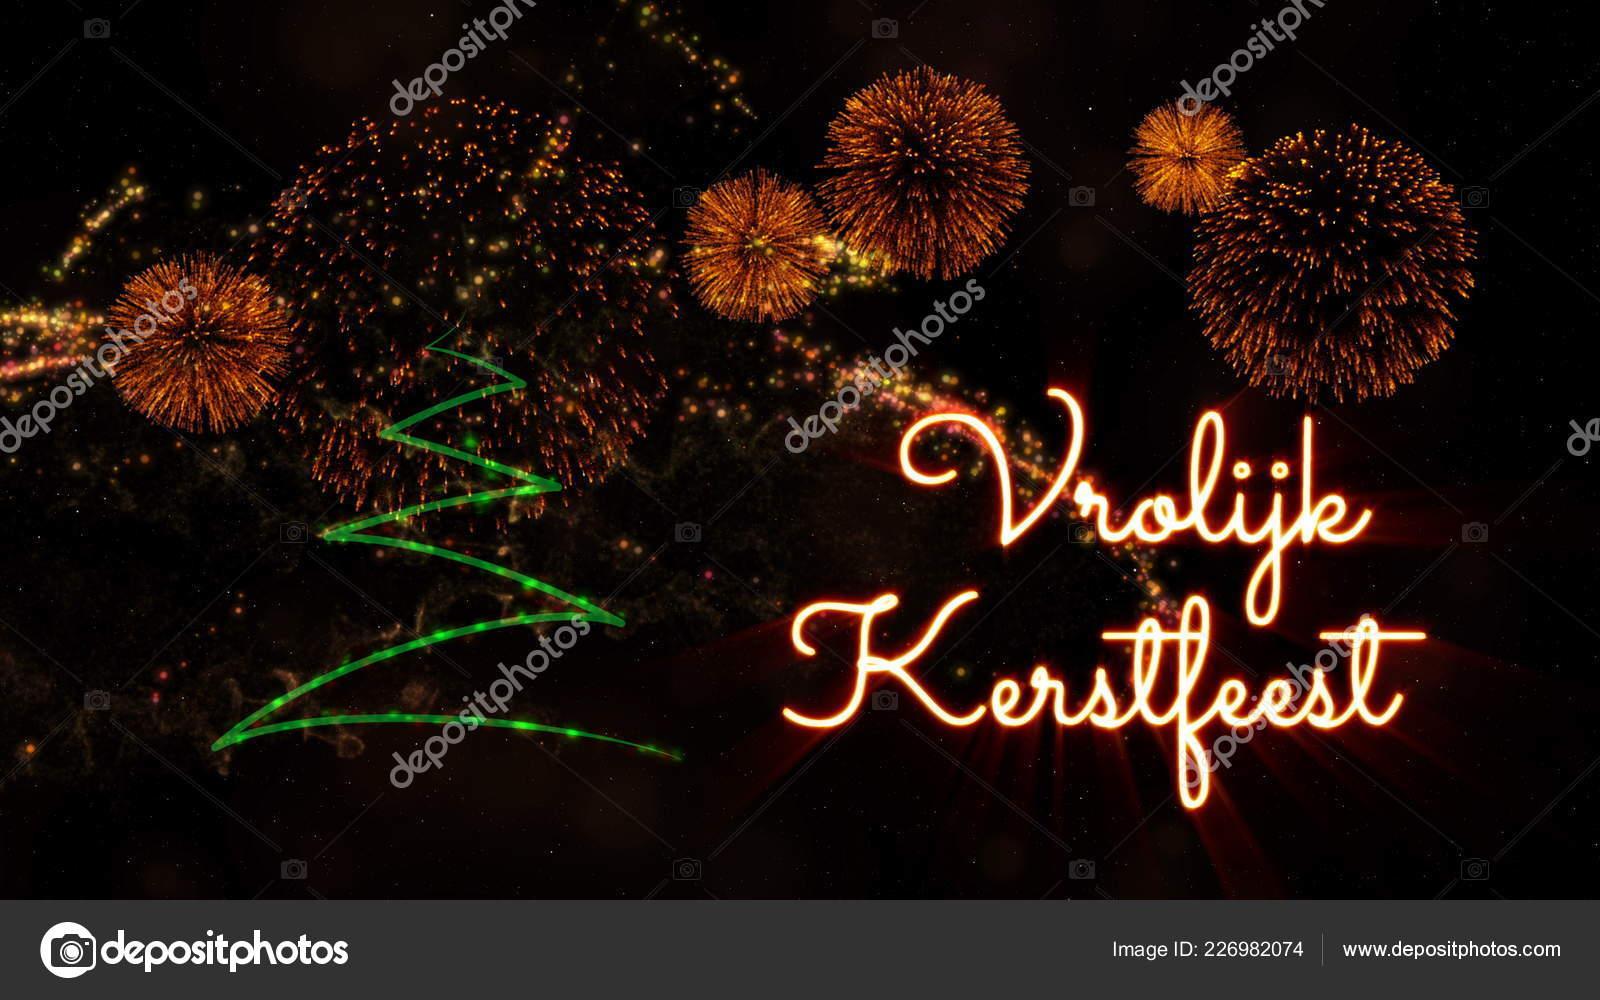 Frohe Weihnachten Und Ein Gutes Neues Jahr Holländisch.Frohe Weihnachten Text Auf Niederländisch Vrolijk Kerstfeest über